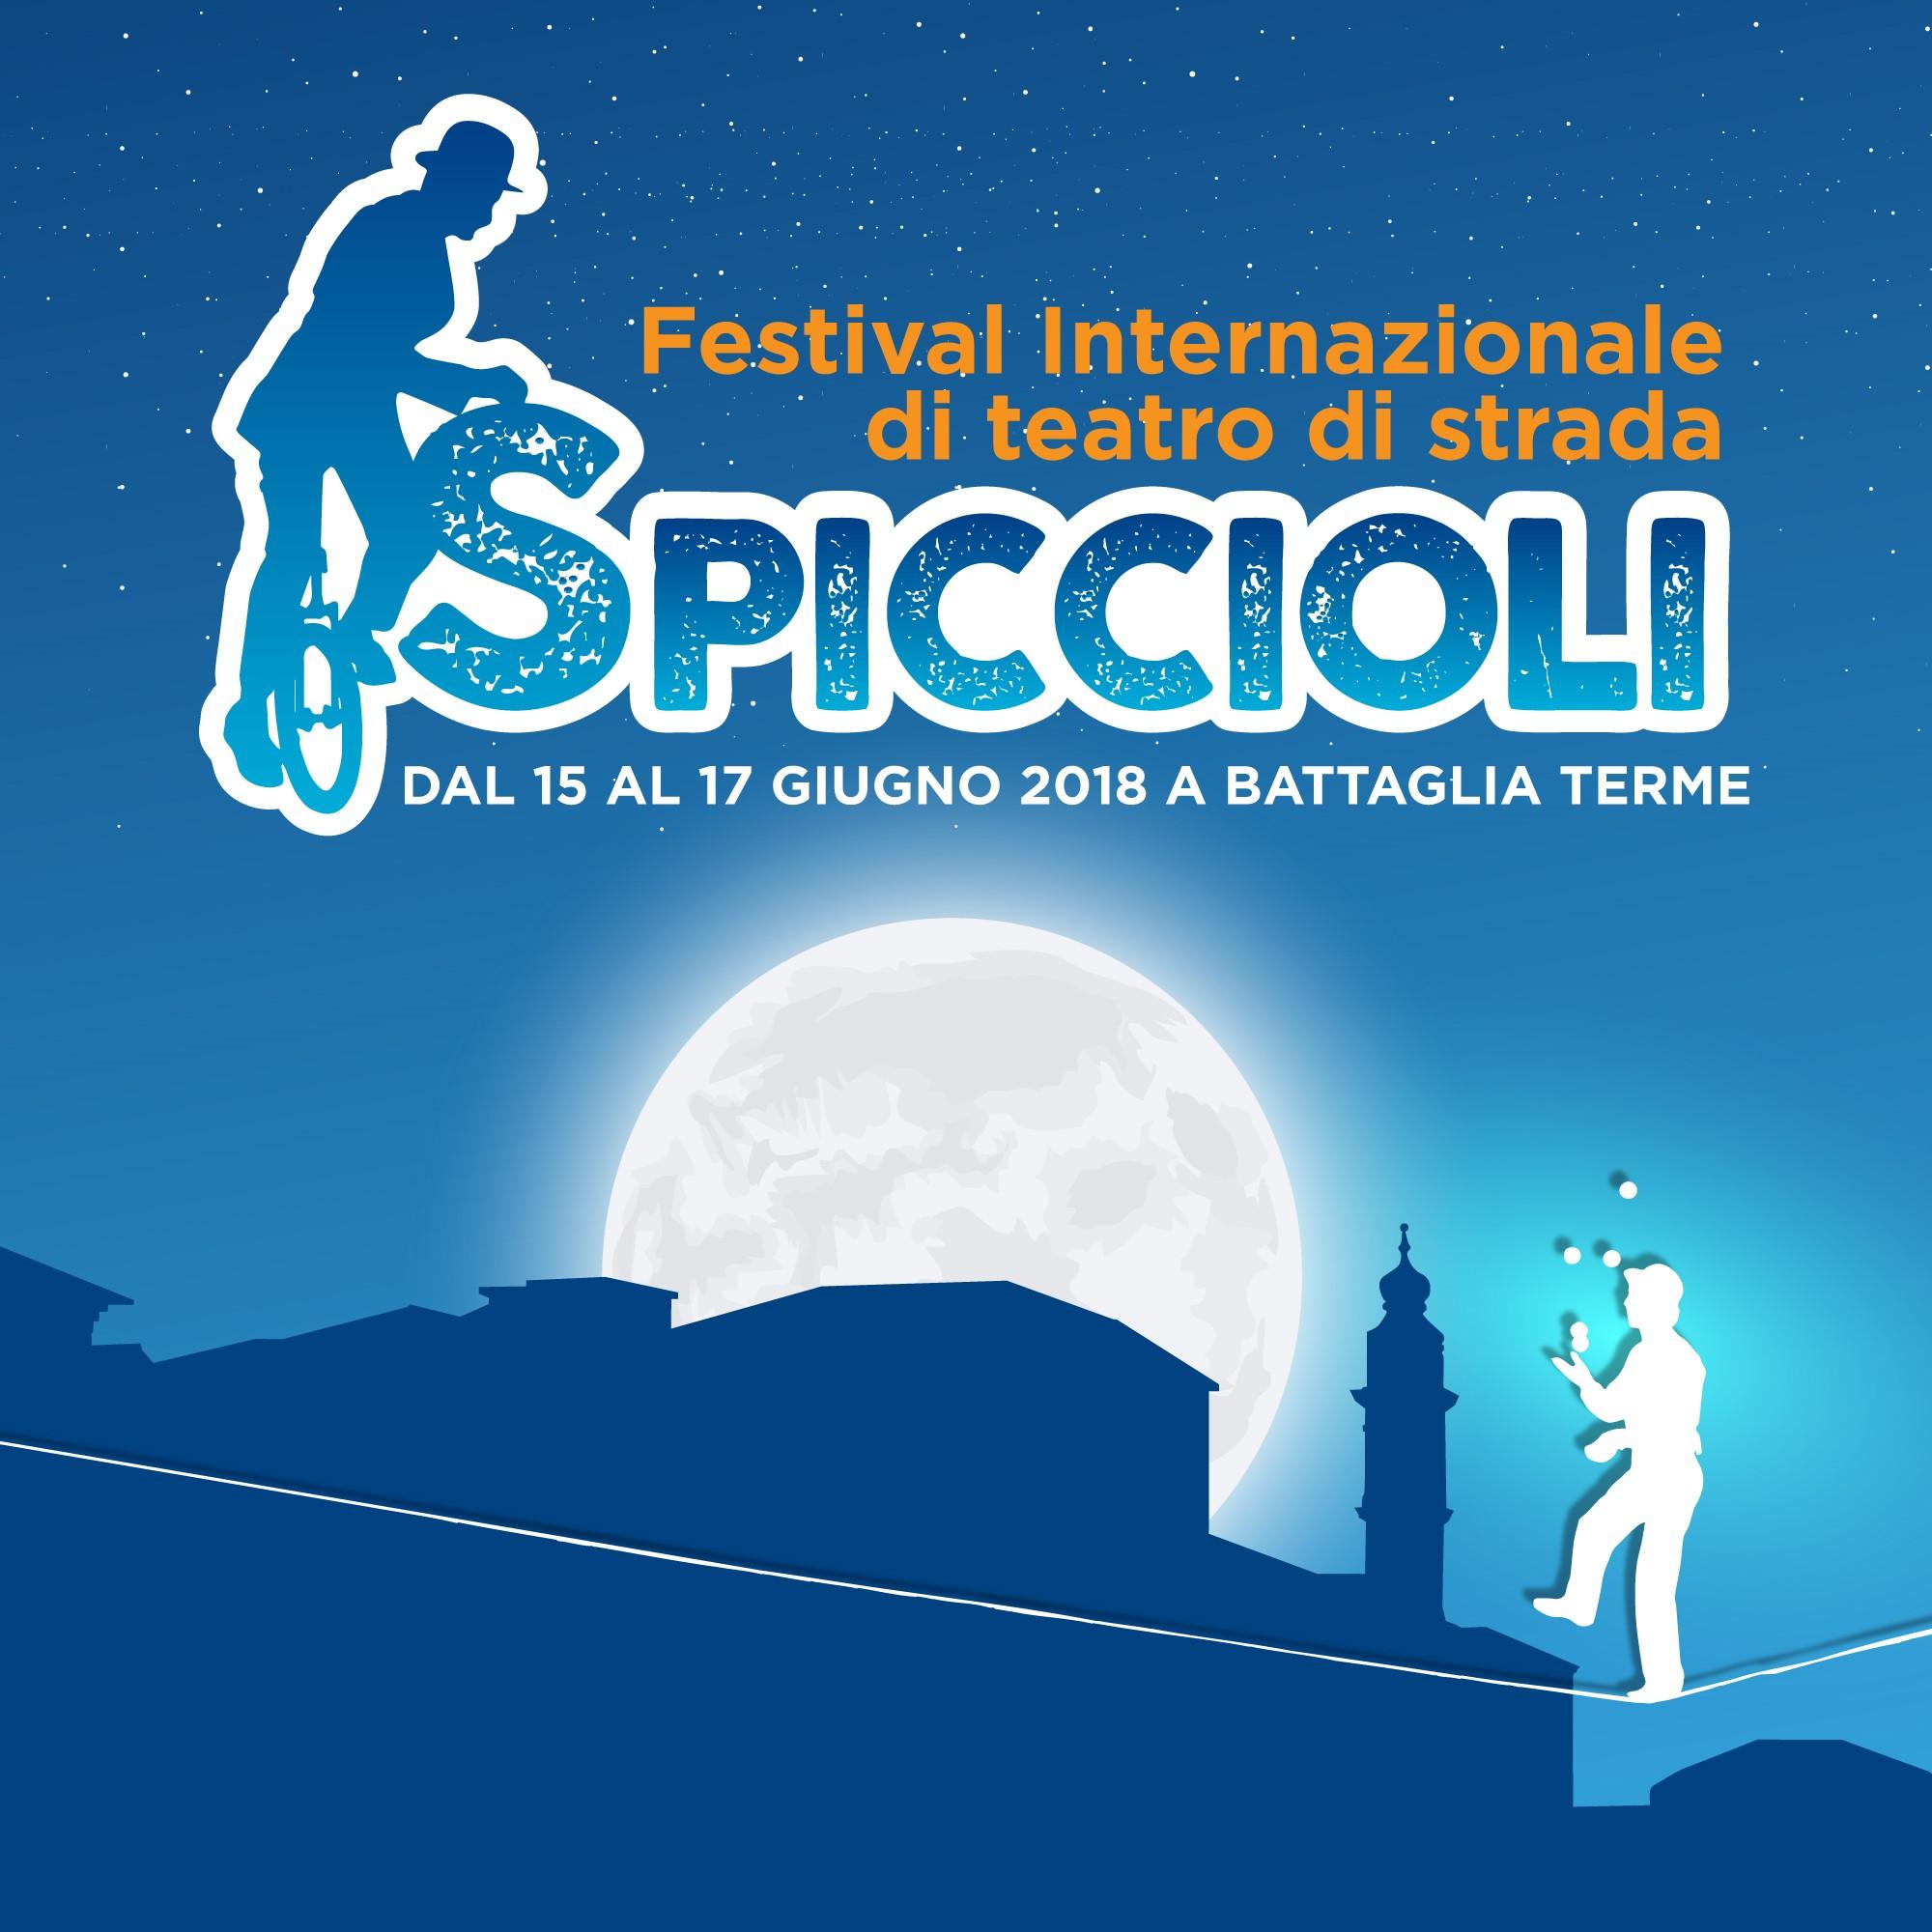 Spiccioli - Festival Internazionale di Teatro di Strada